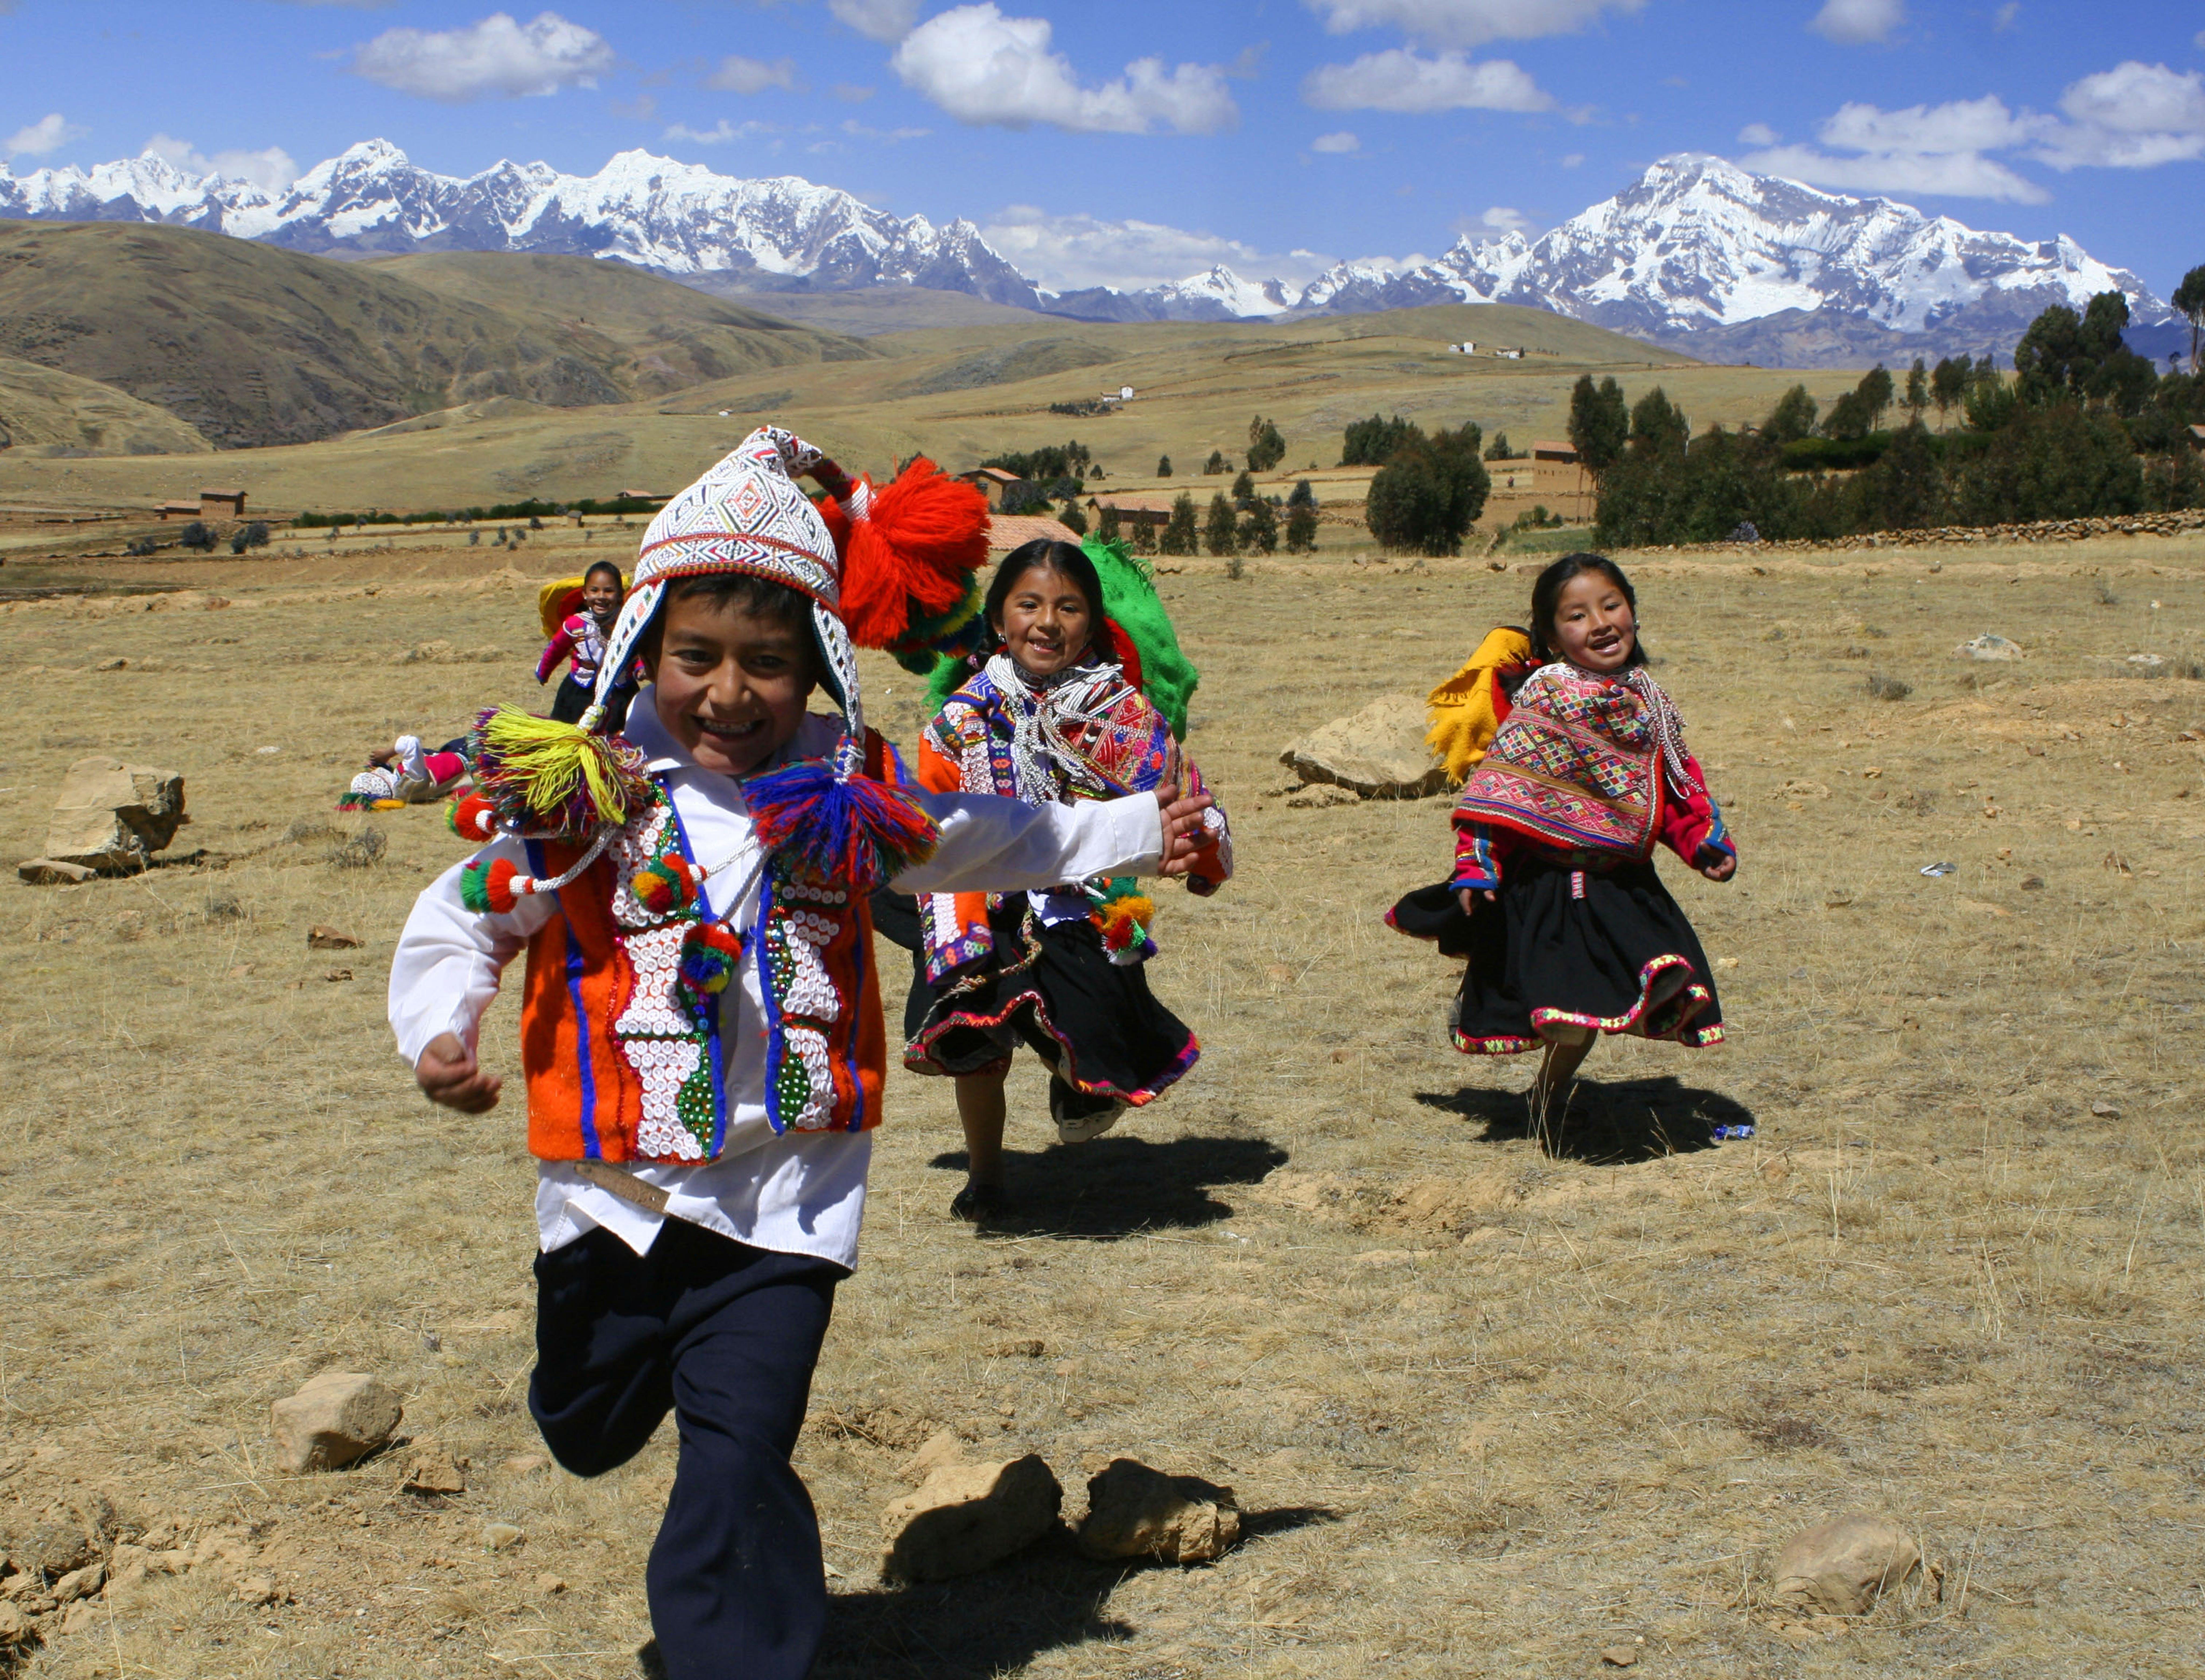 Bambini che giocano in un centro ricreativo per l'infanzia a Cusco, Perù